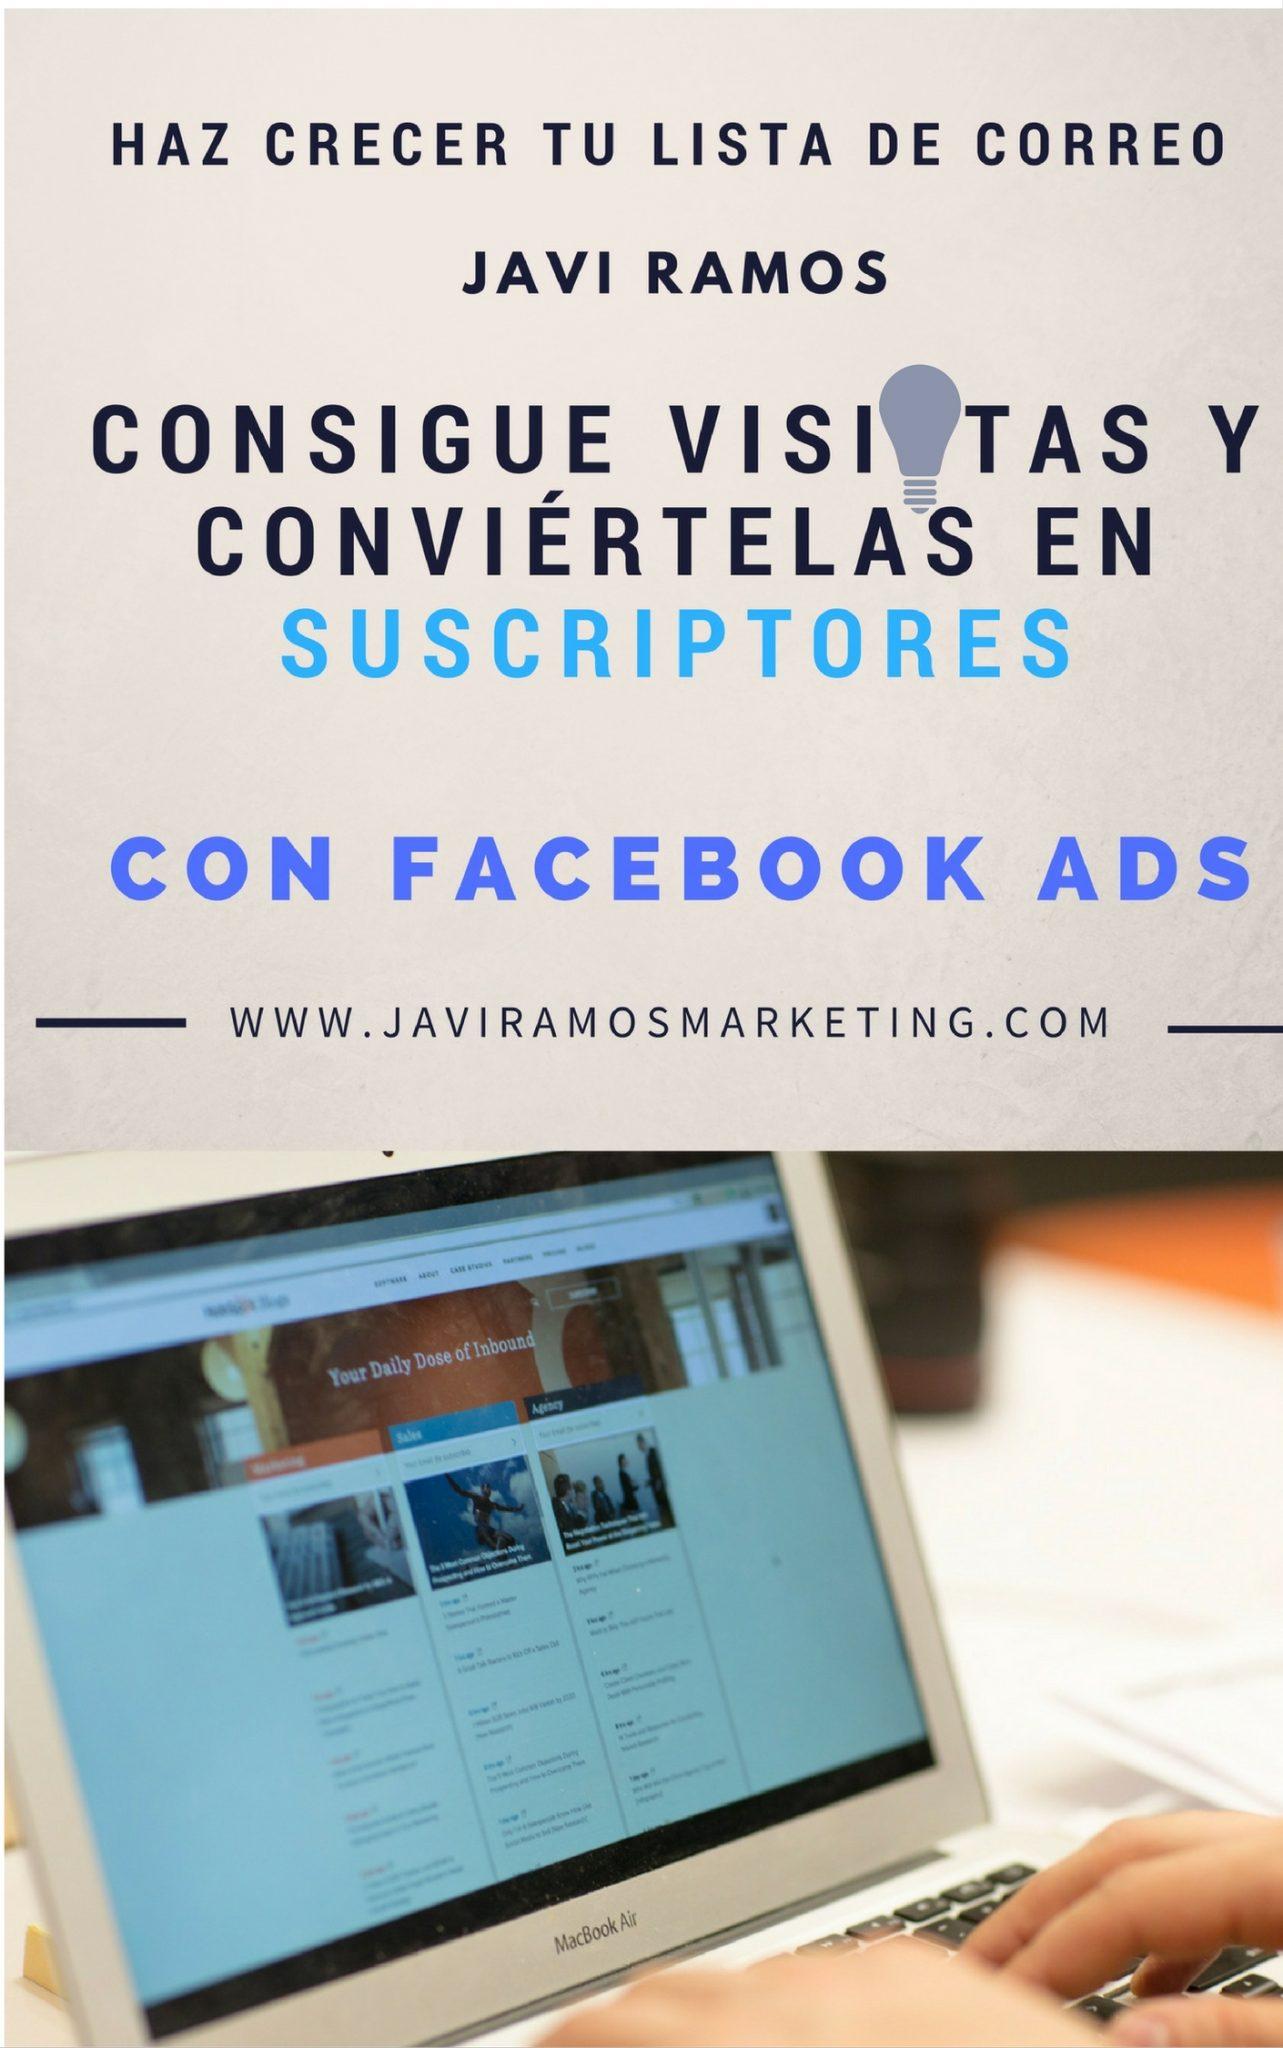 suscriptores con Facebook Ads